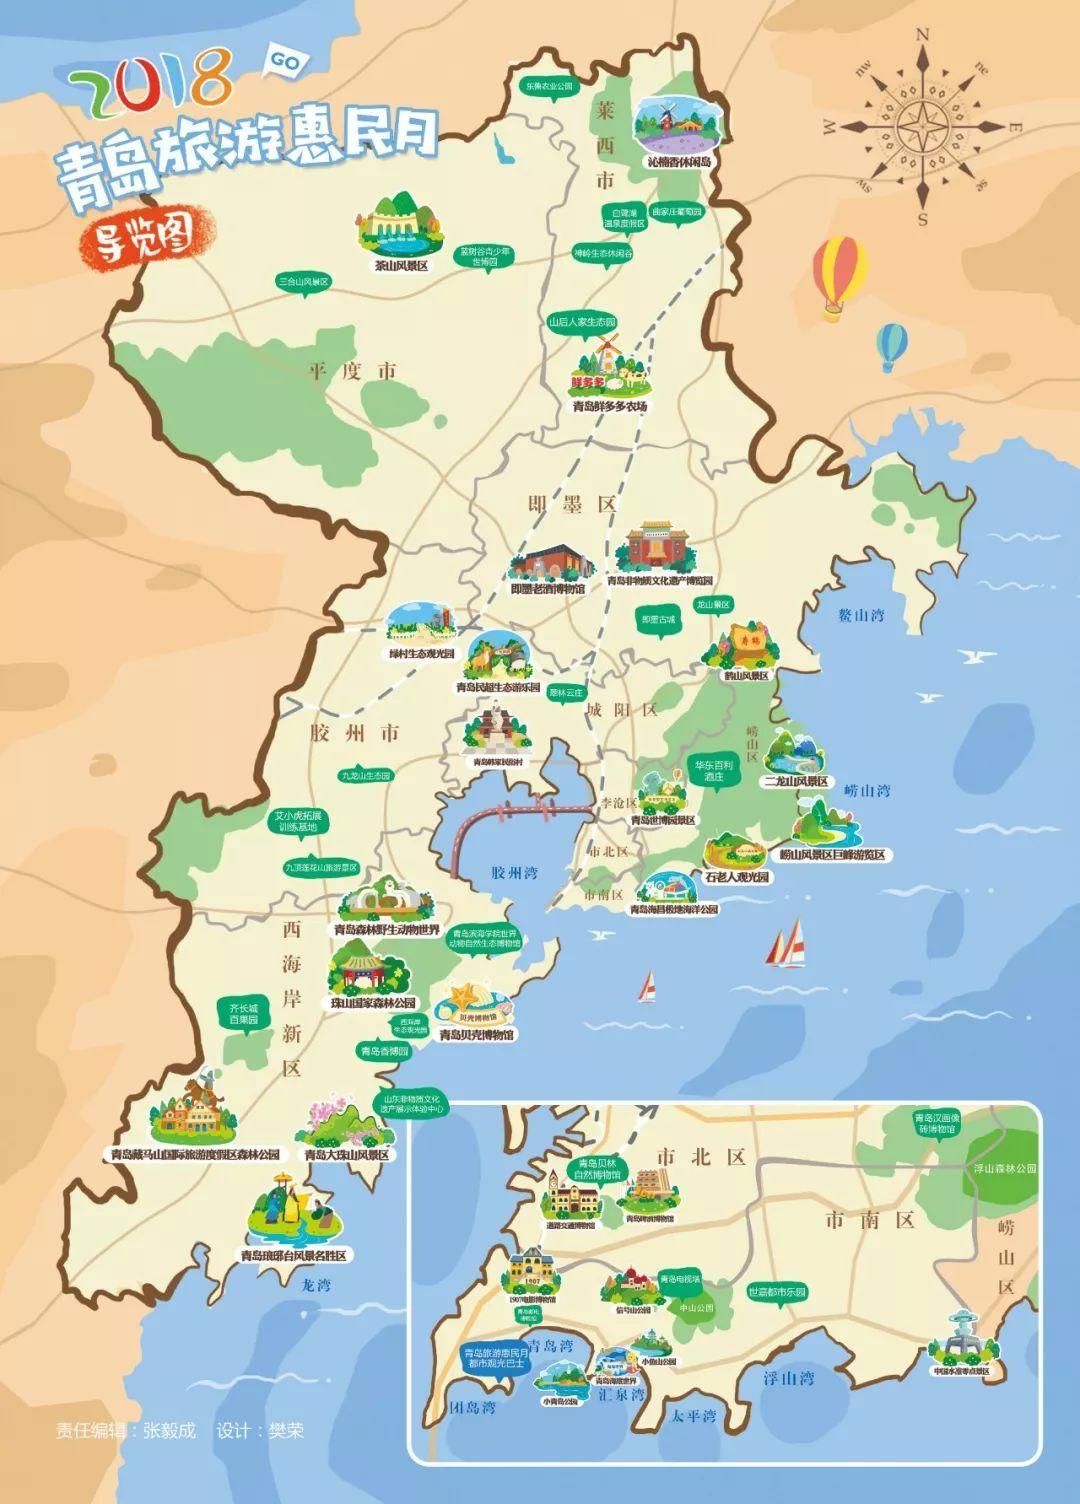 这份手绘地图和最全惠民景区信息,带你开启2018青岛旅游惠民月之旅!